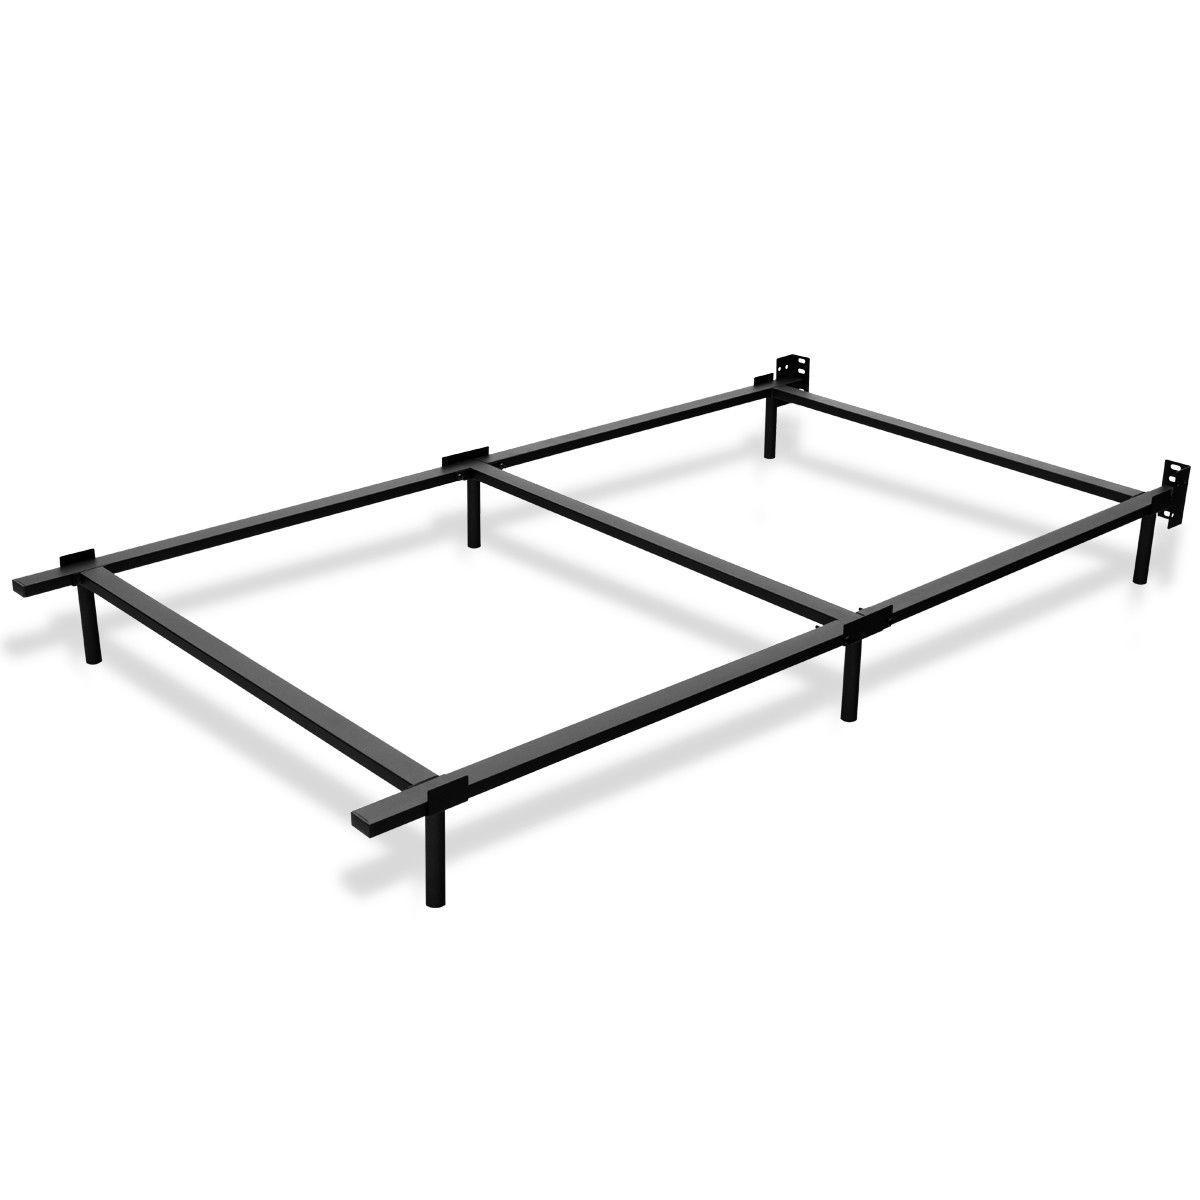 Black Metal Frame Center Support Bedroom